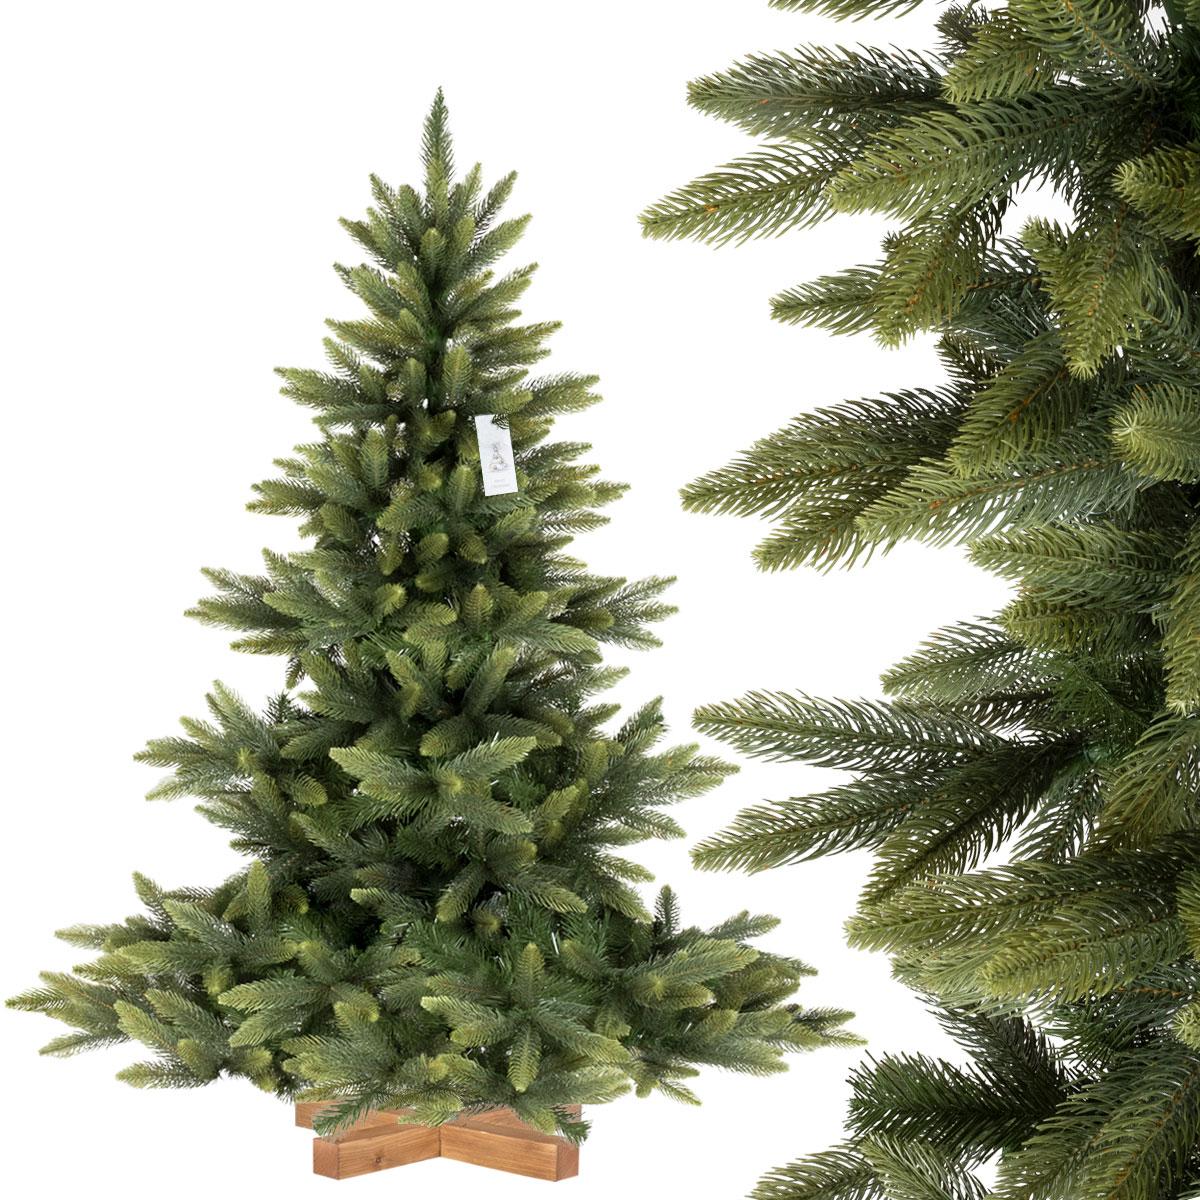 Idą Święta, szanuj las. Dlaczego sztuczna choinka jest lepsza niż prawdziwa? 1